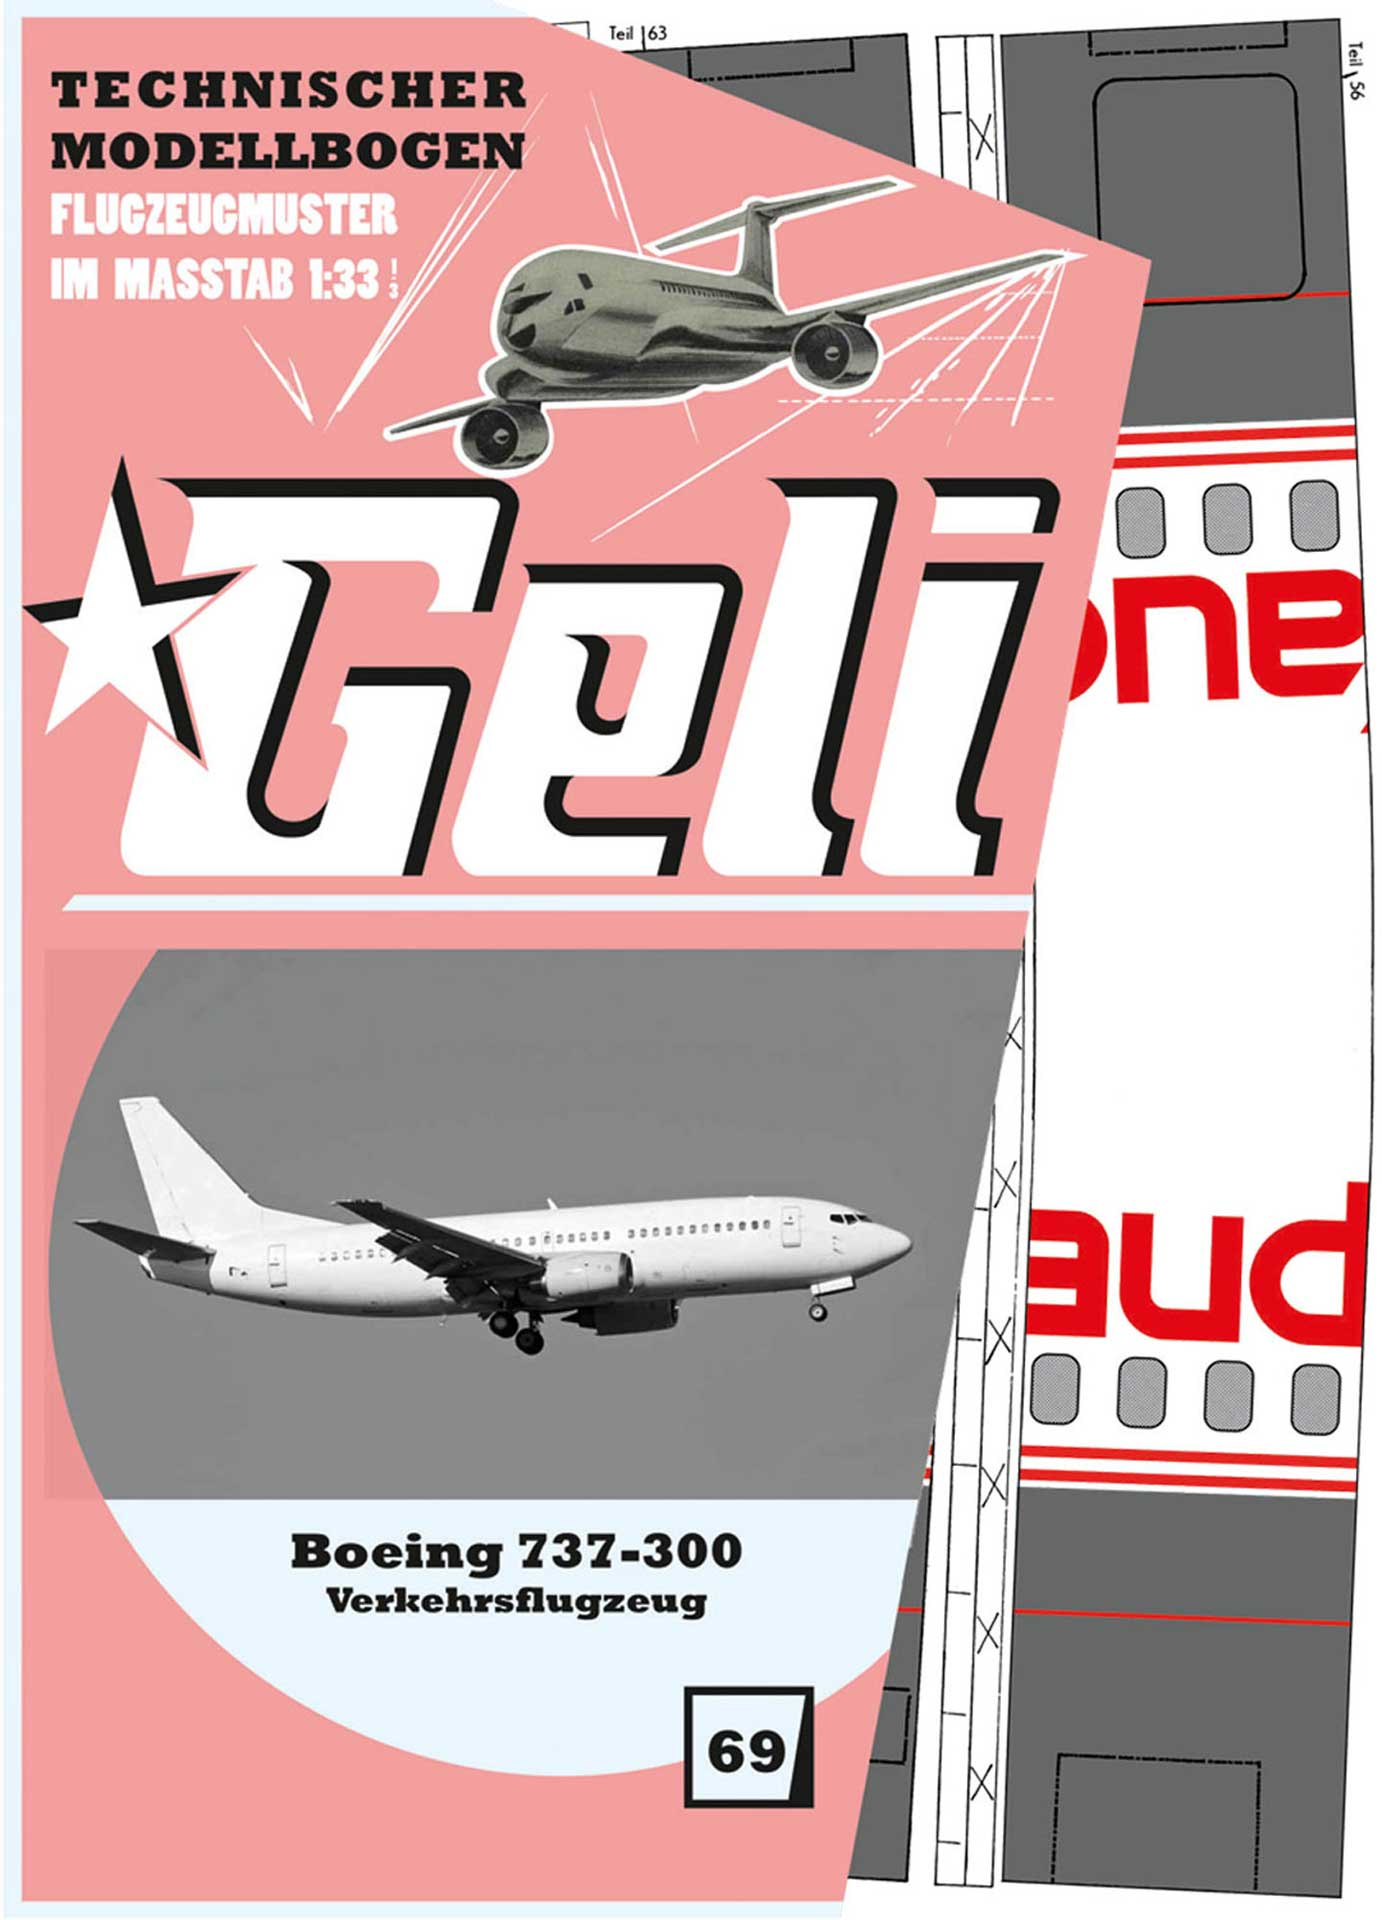 GELI BOEING 737 # 69 KARTONMODELL